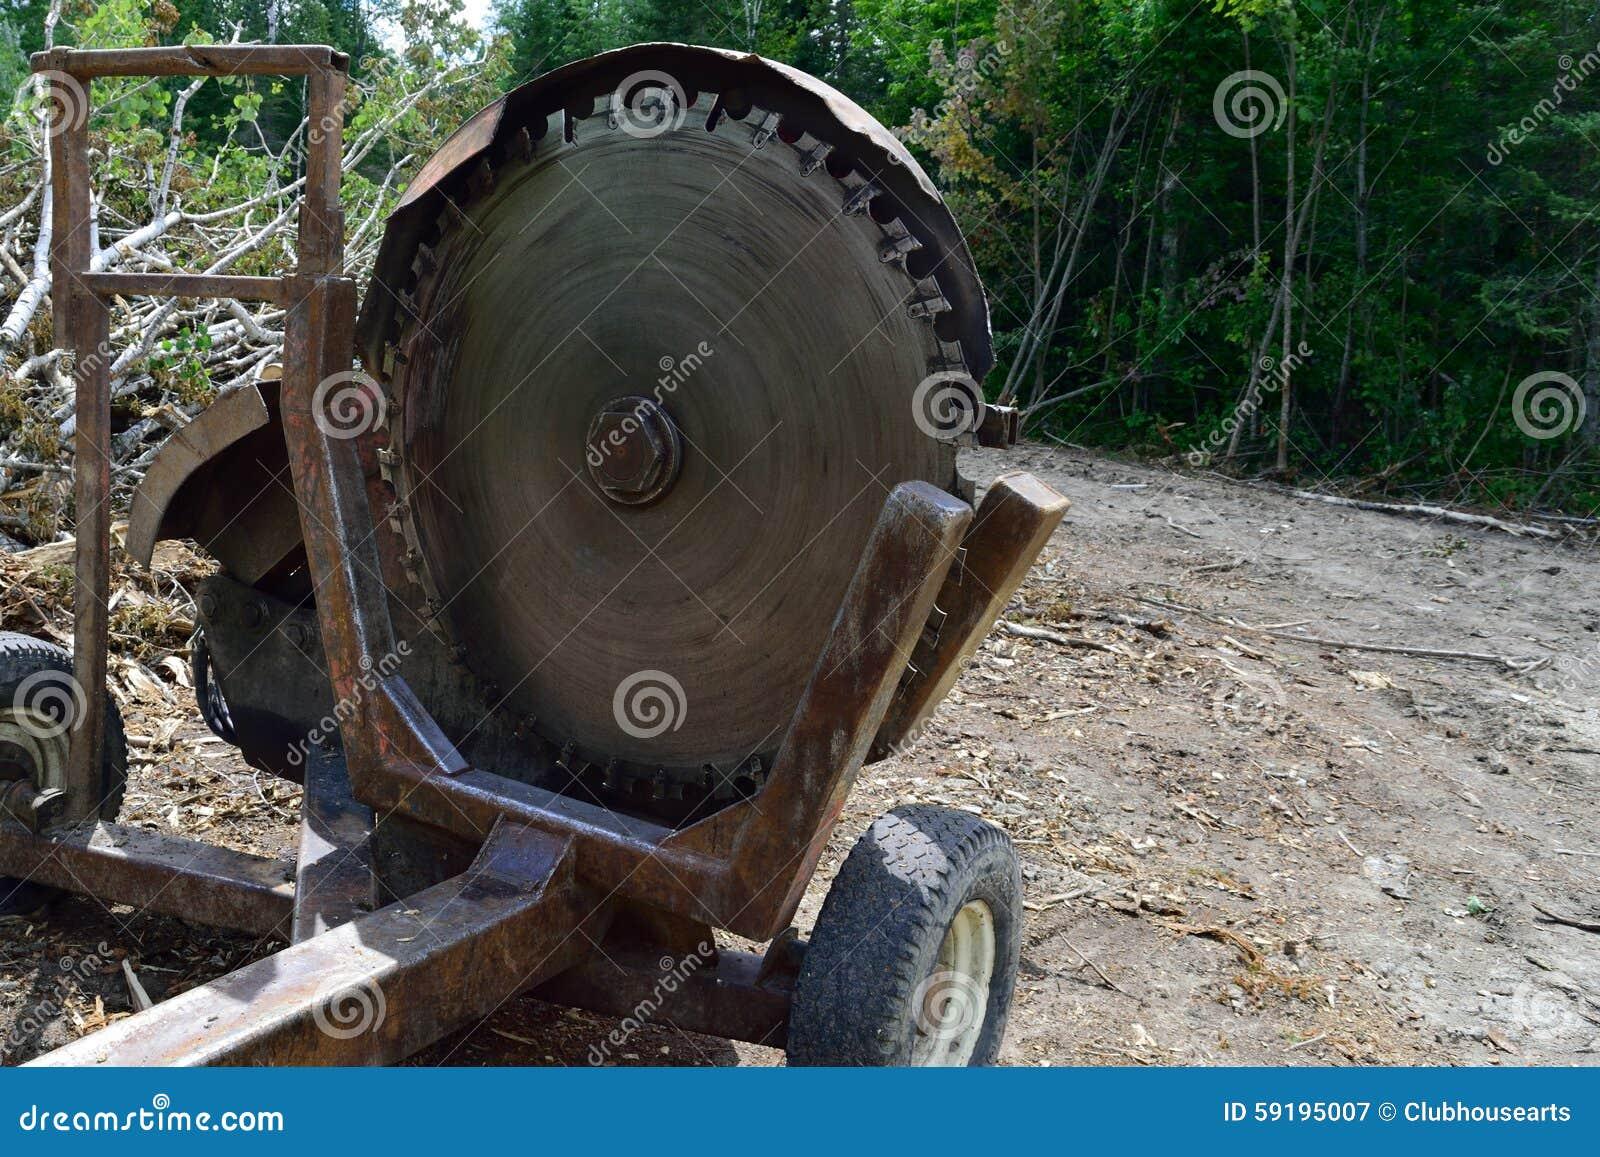 log slasher cutoff saw on landing stock photo image